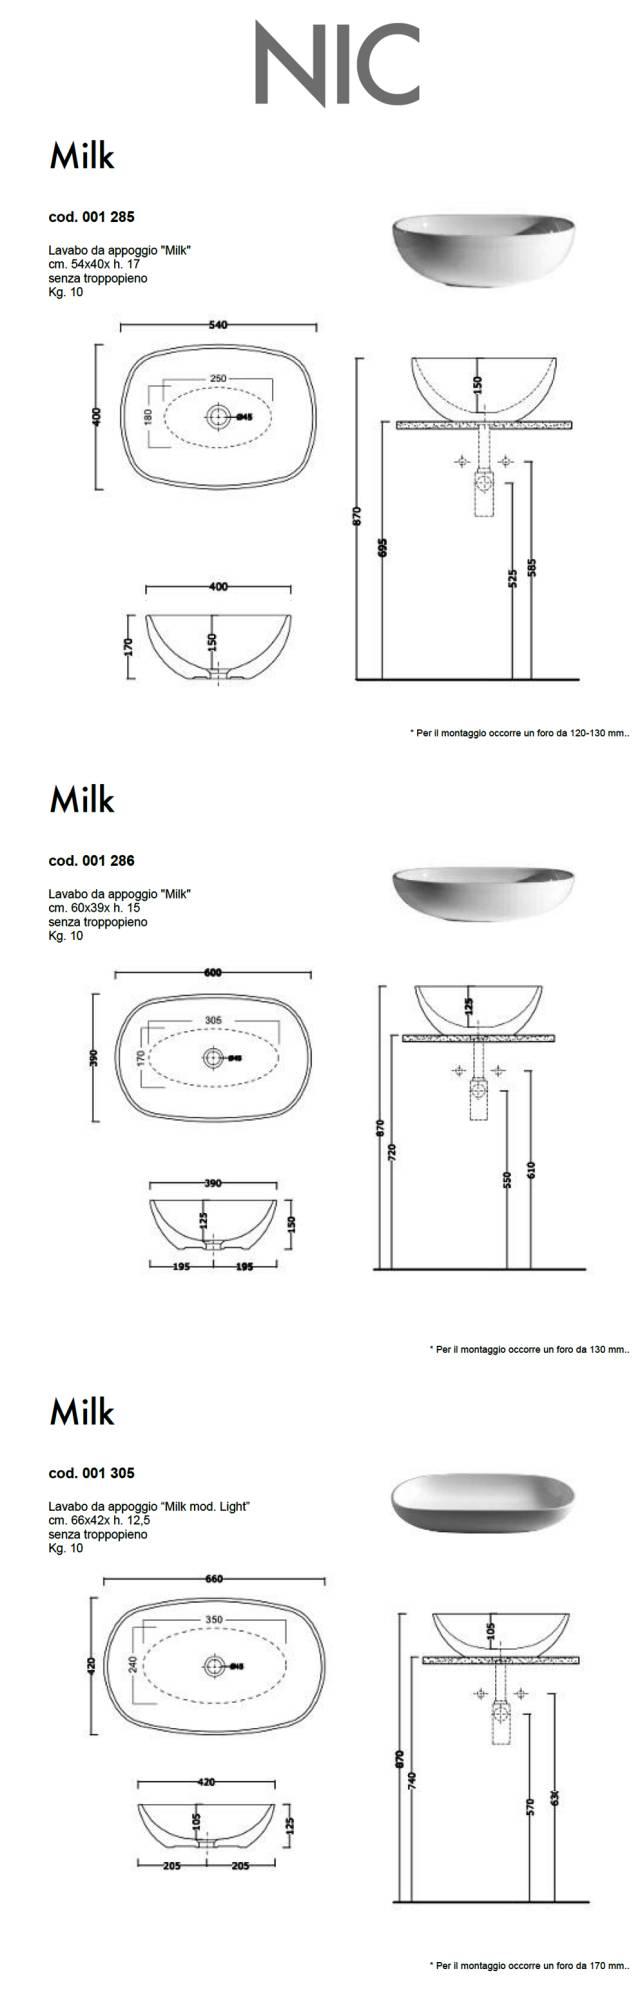 scheda_tecnica_lavabo_da_appoggio_in_ceramica_nic_milk_light